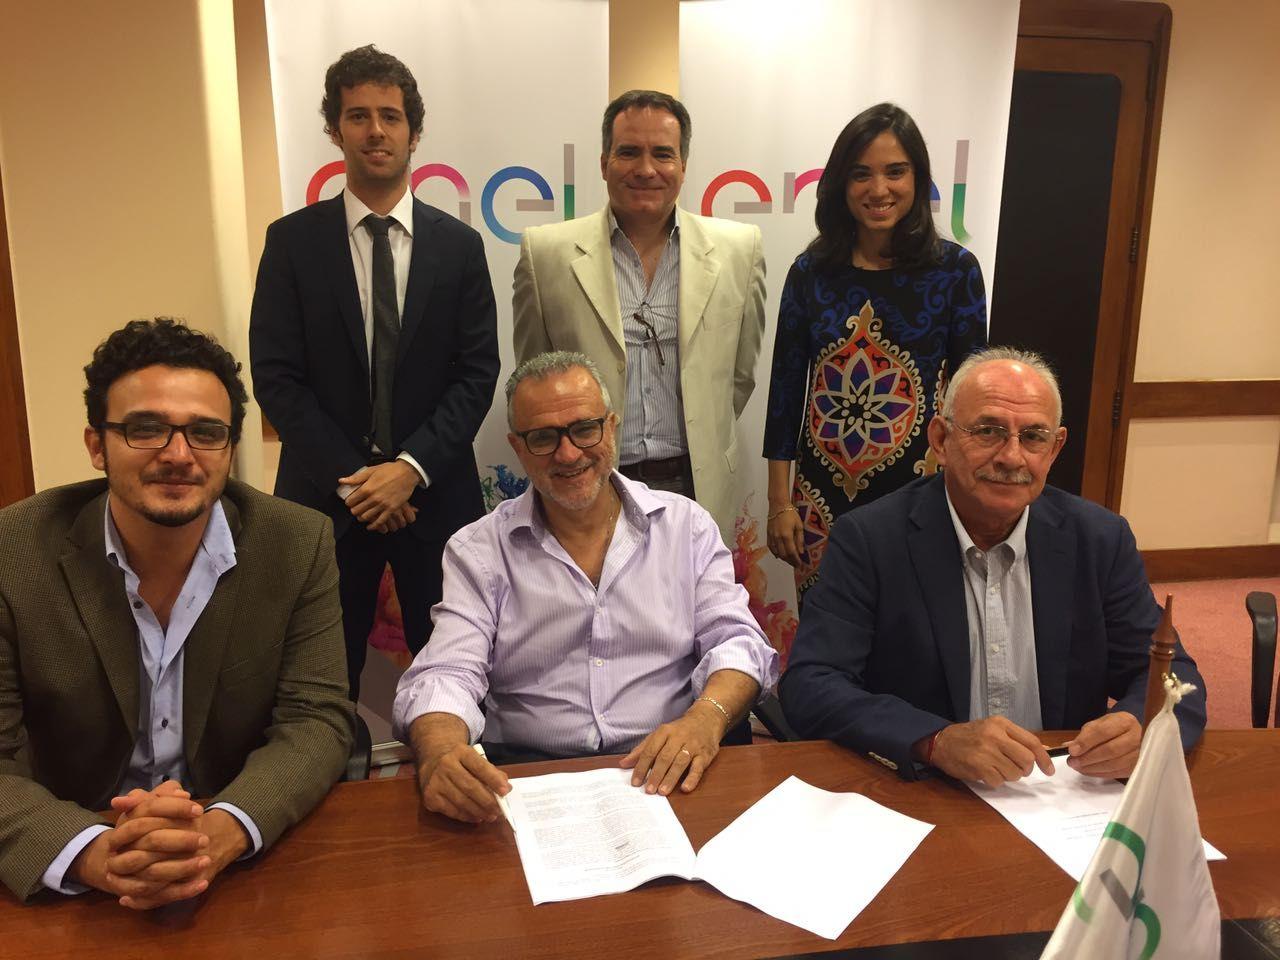 Se llevó adelante la firma de un convenio para la creación de una nueva planta solar en Jujuy